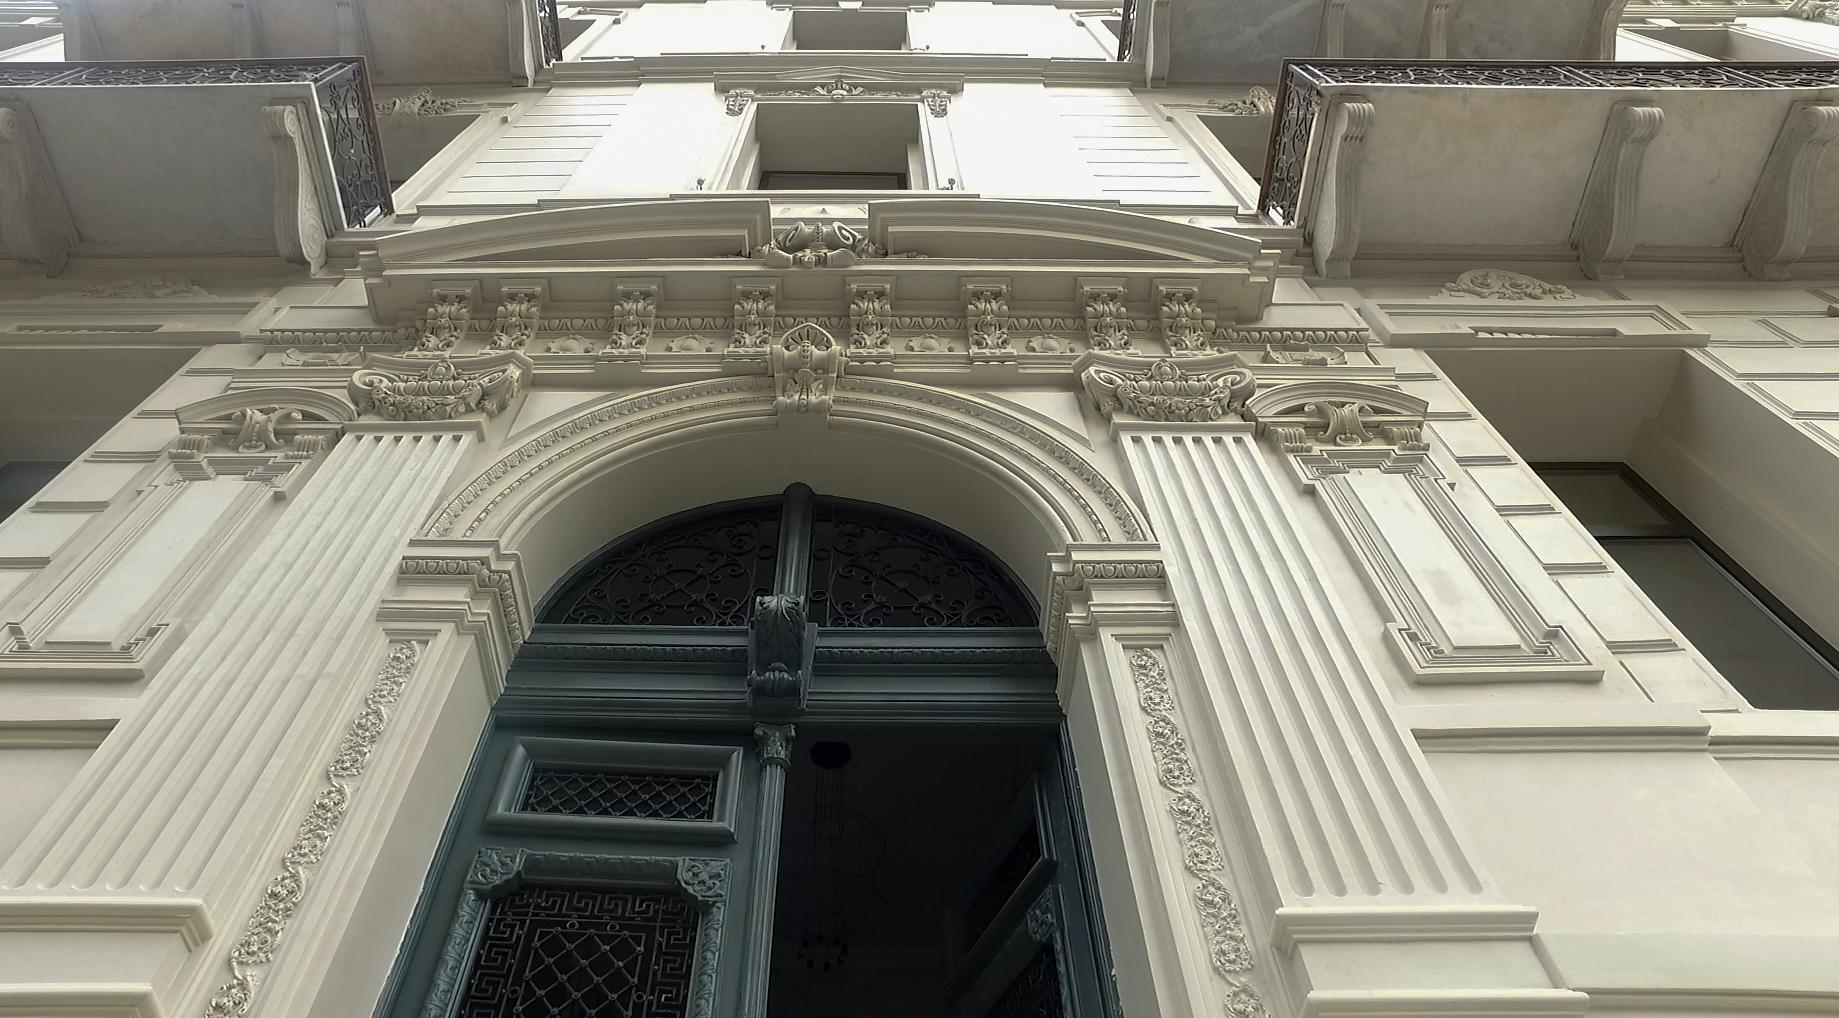 مدخل فندق فينواز، المملوك لشركة الإسماعيلية، من الخارج بعد ترميمه - تصوير: عبد الرحمن محمد